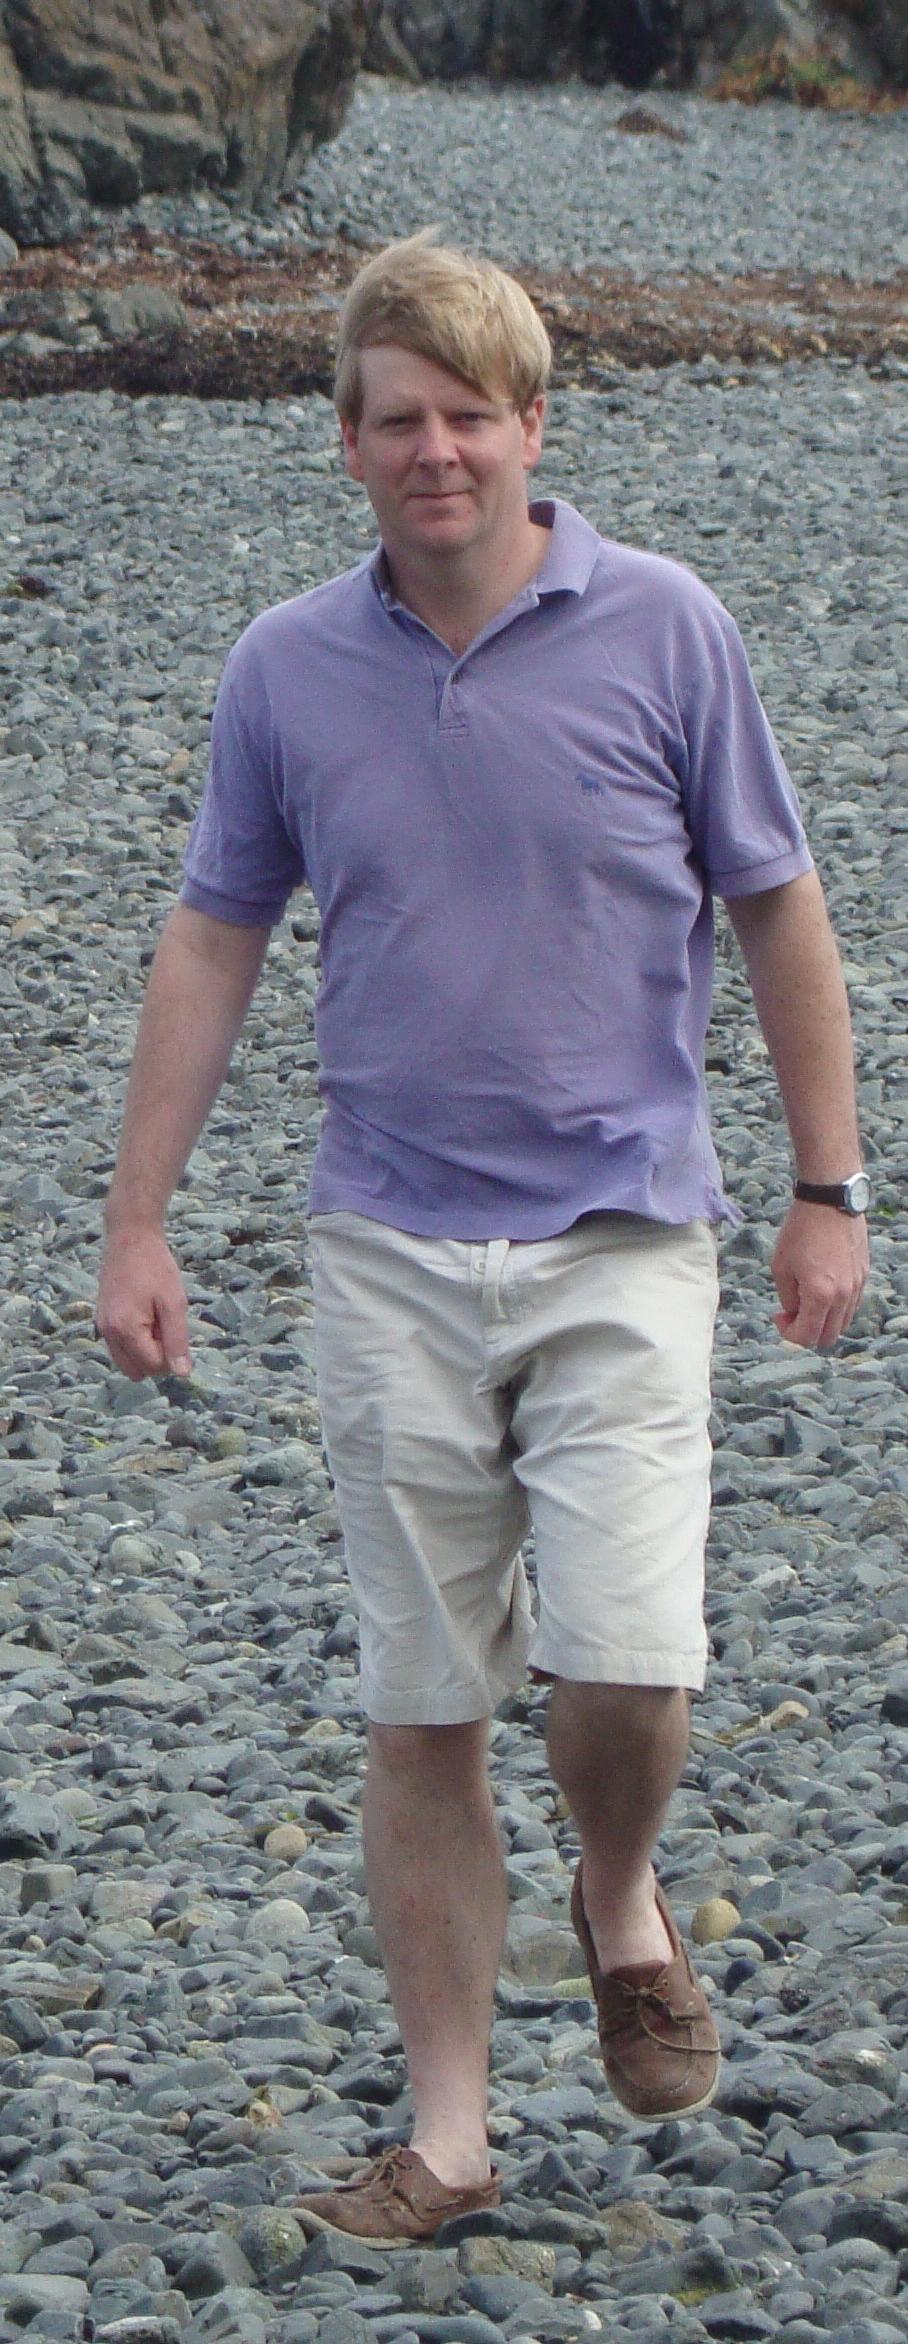 Nick Oliver